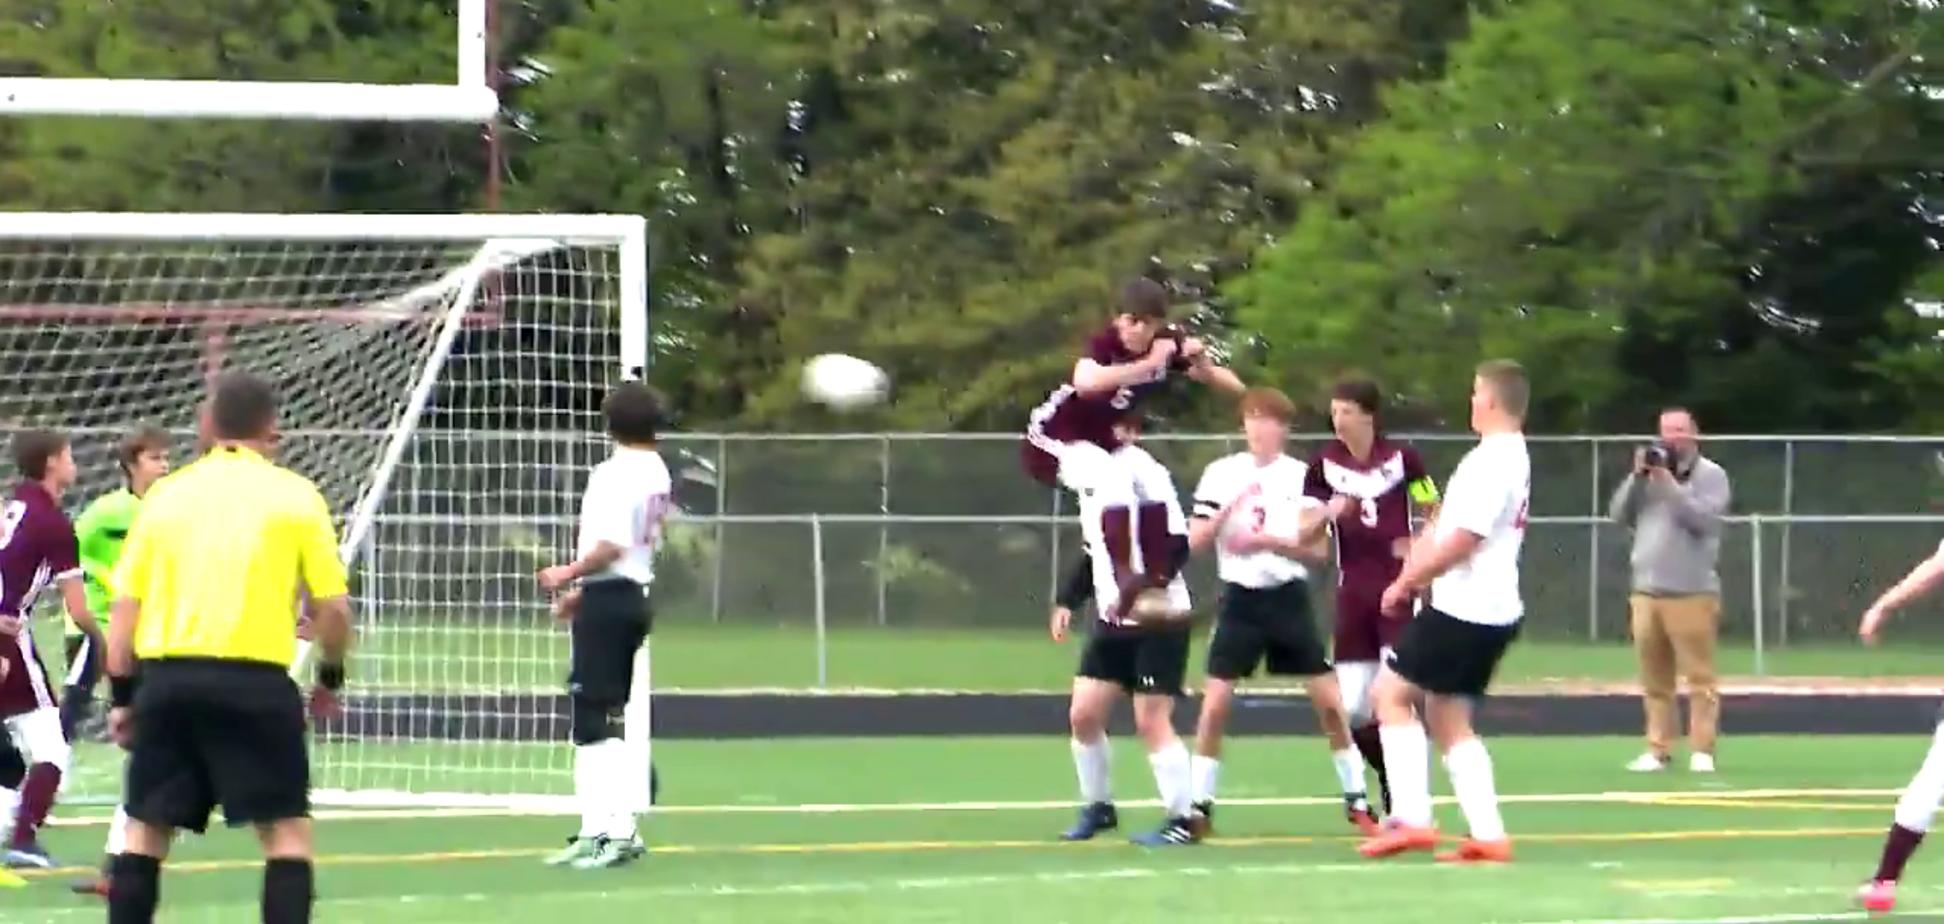 'Гол года!' Футболист забил уникальный мяч задницей в прыжке